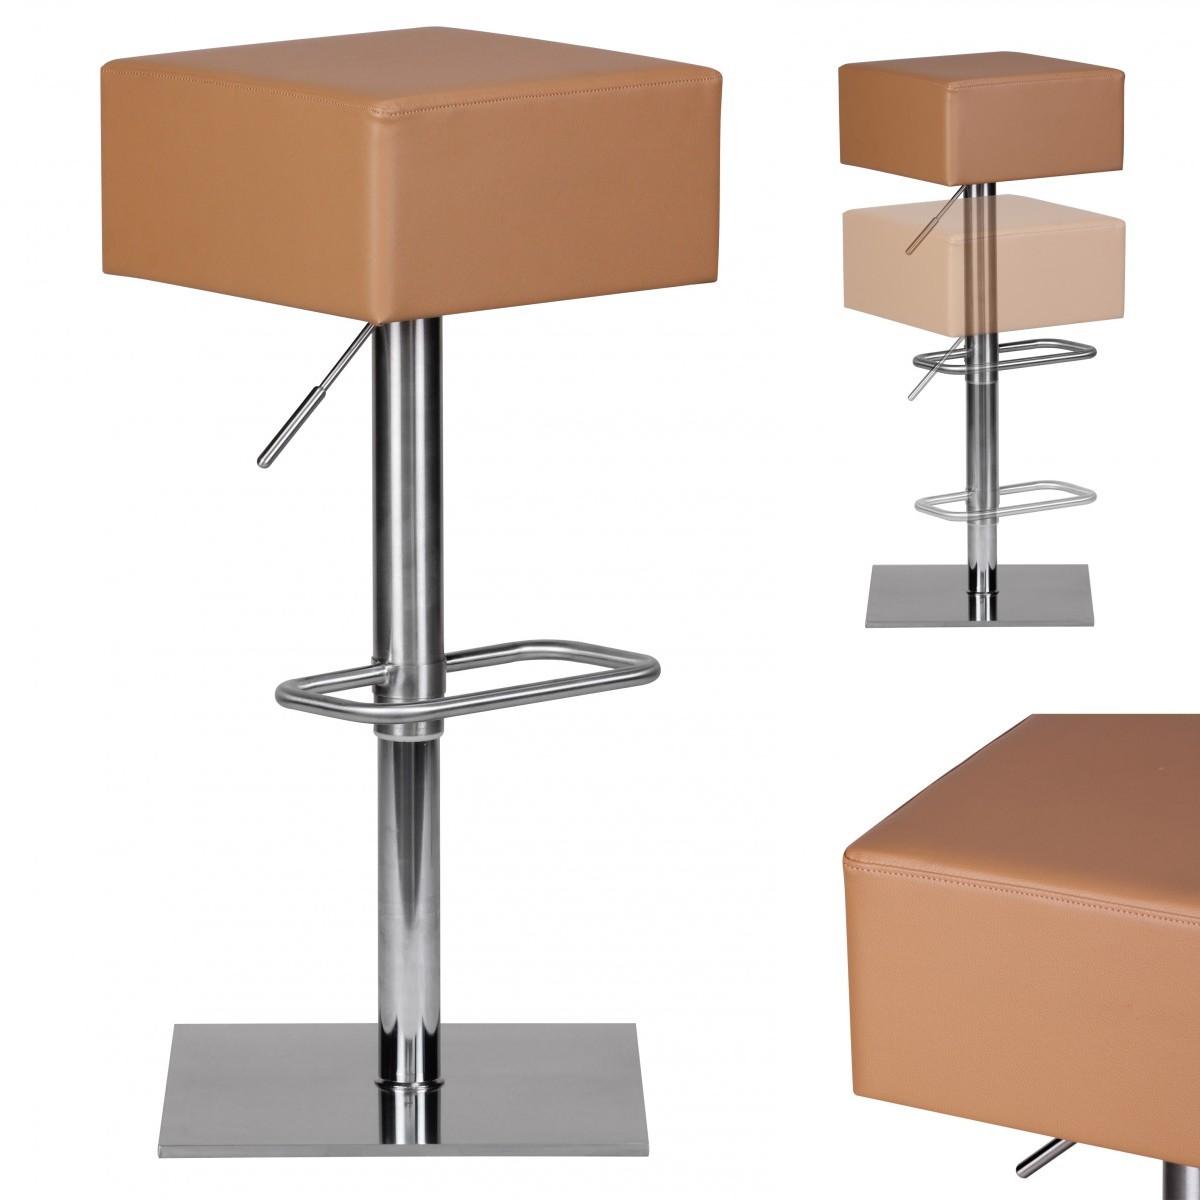 barhocker edelstahl barstuhl farbe caramel. Black Bedroom Furniture Sets. Home Design Ideas